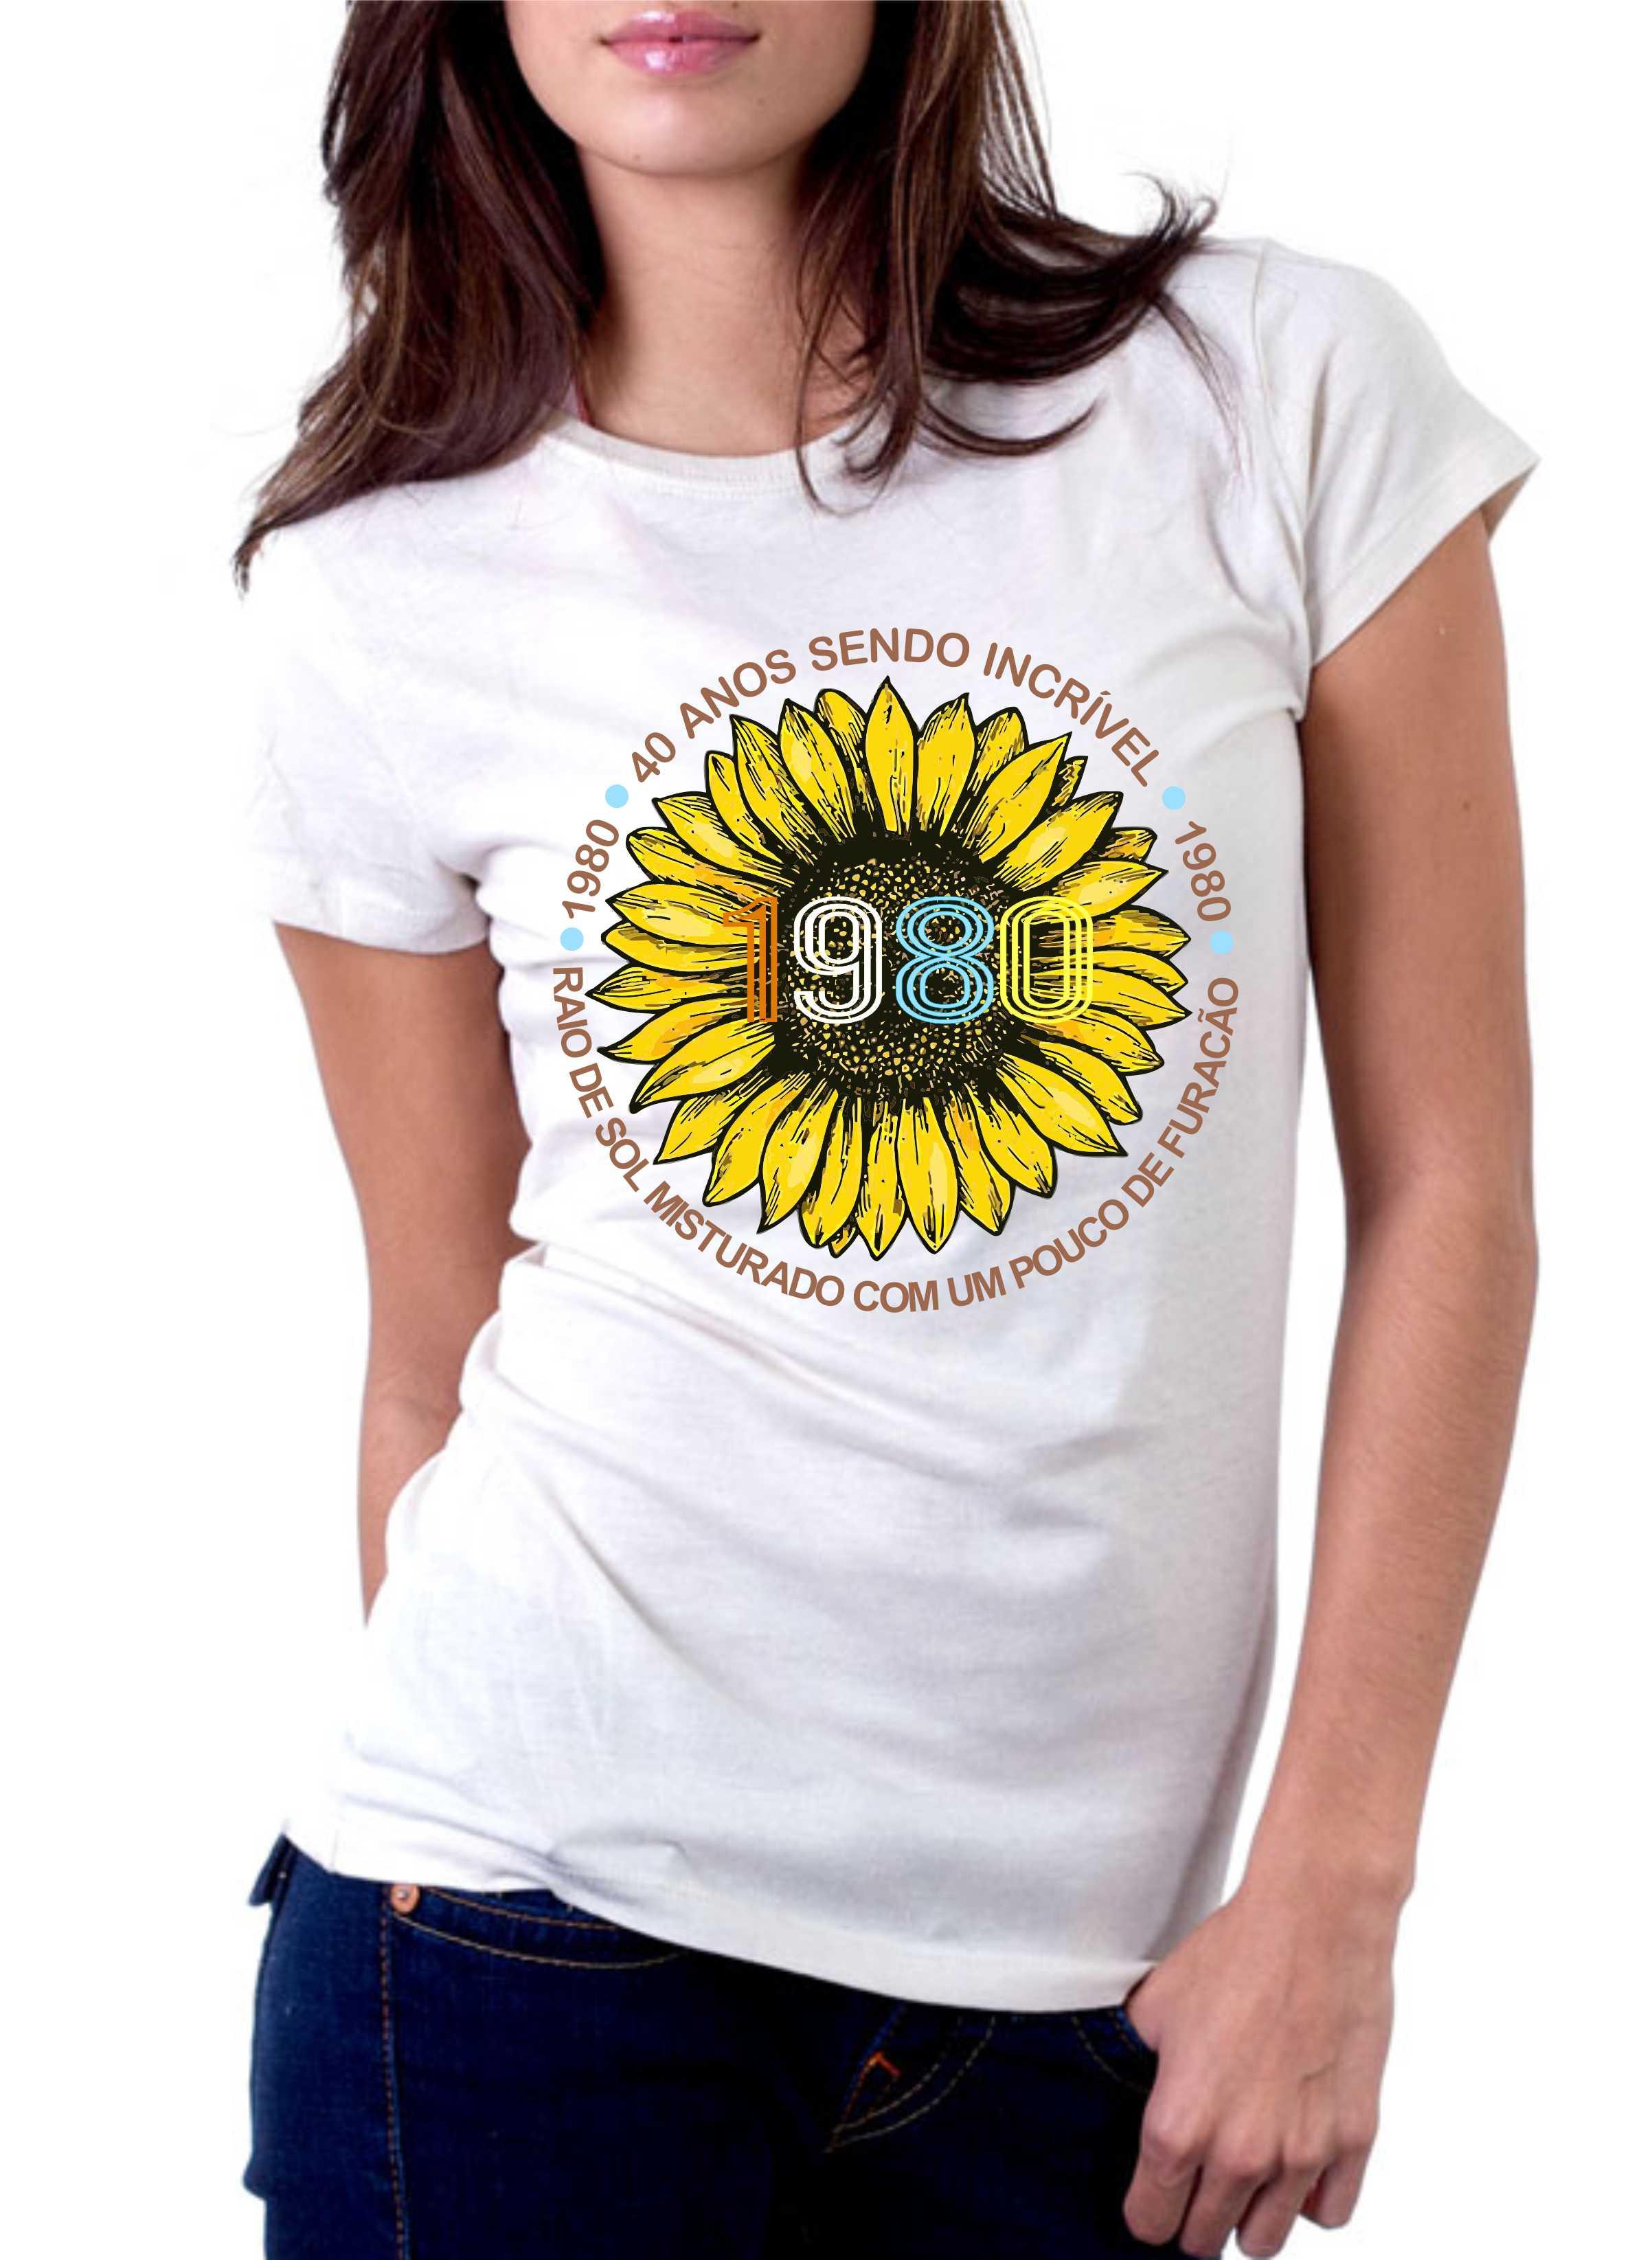 Camiseta Feminina Raio de Sol Misturado Com Um Pouco De Furacão